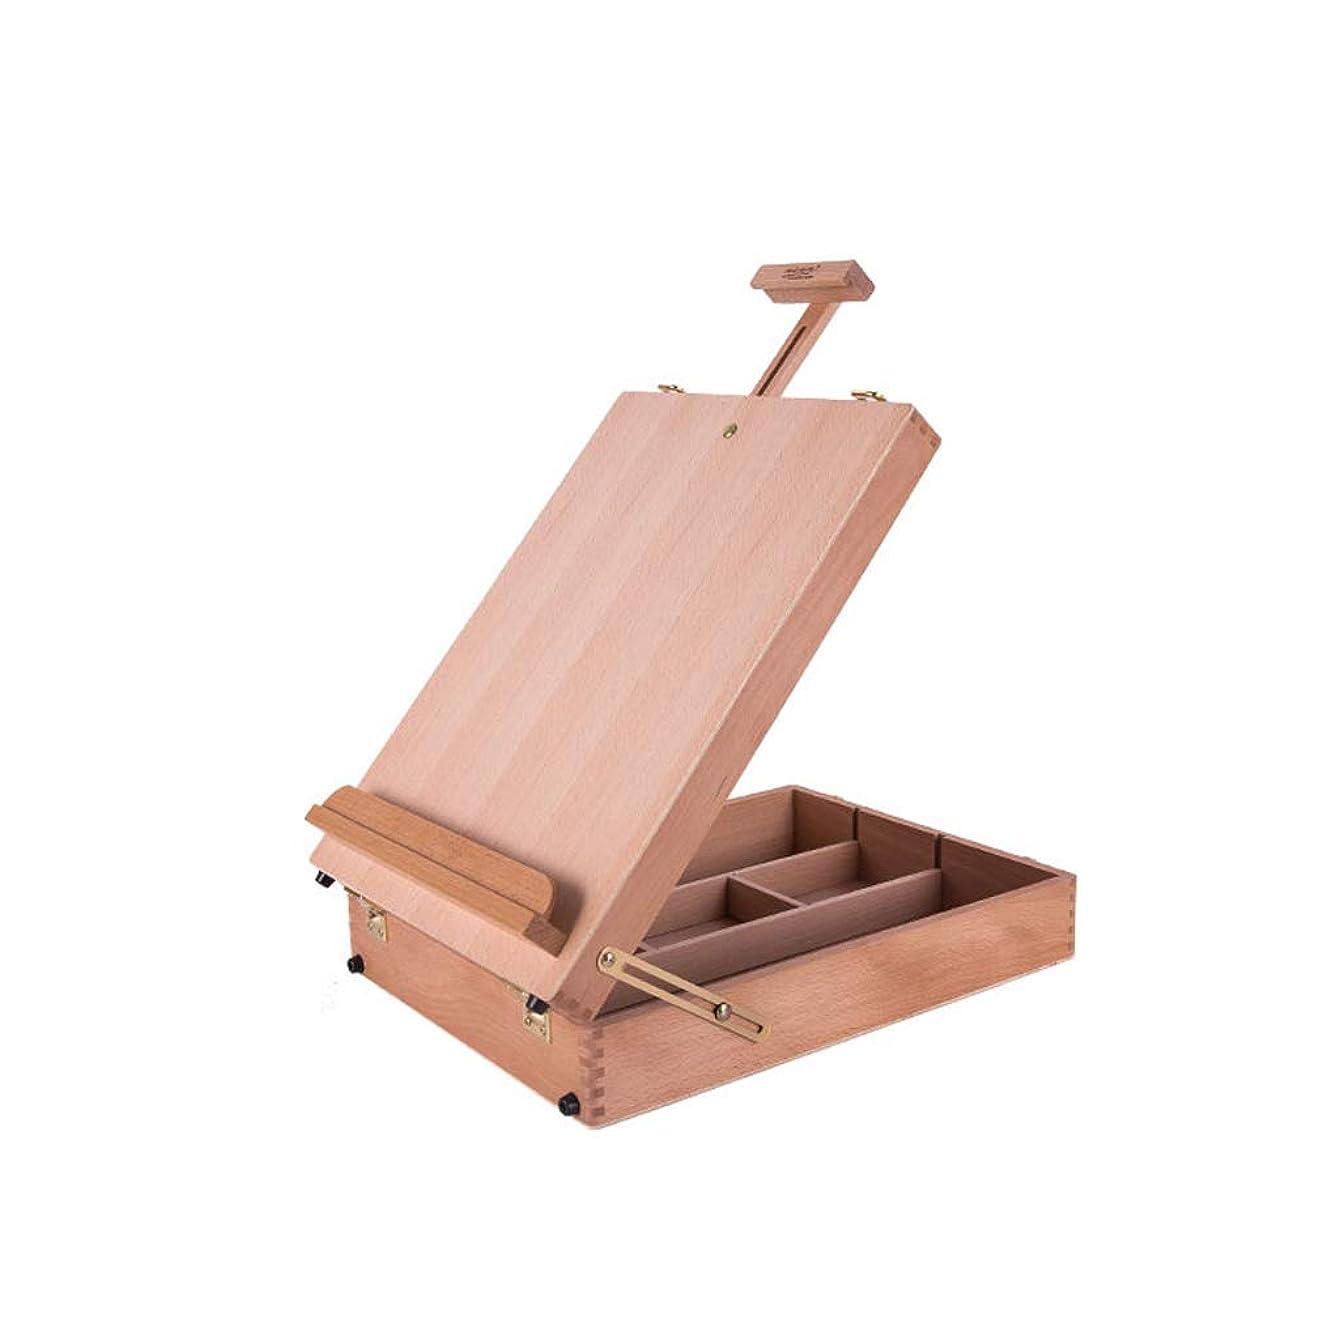 上記の頭と肩徴収共和党携帯用スケッチの油絵の絵箱木製のデスクトップの油絵フレーム、持ち運びが簡単で持ち運びが簡単、成人学生が使用できます GHMOZ (Size : Big)